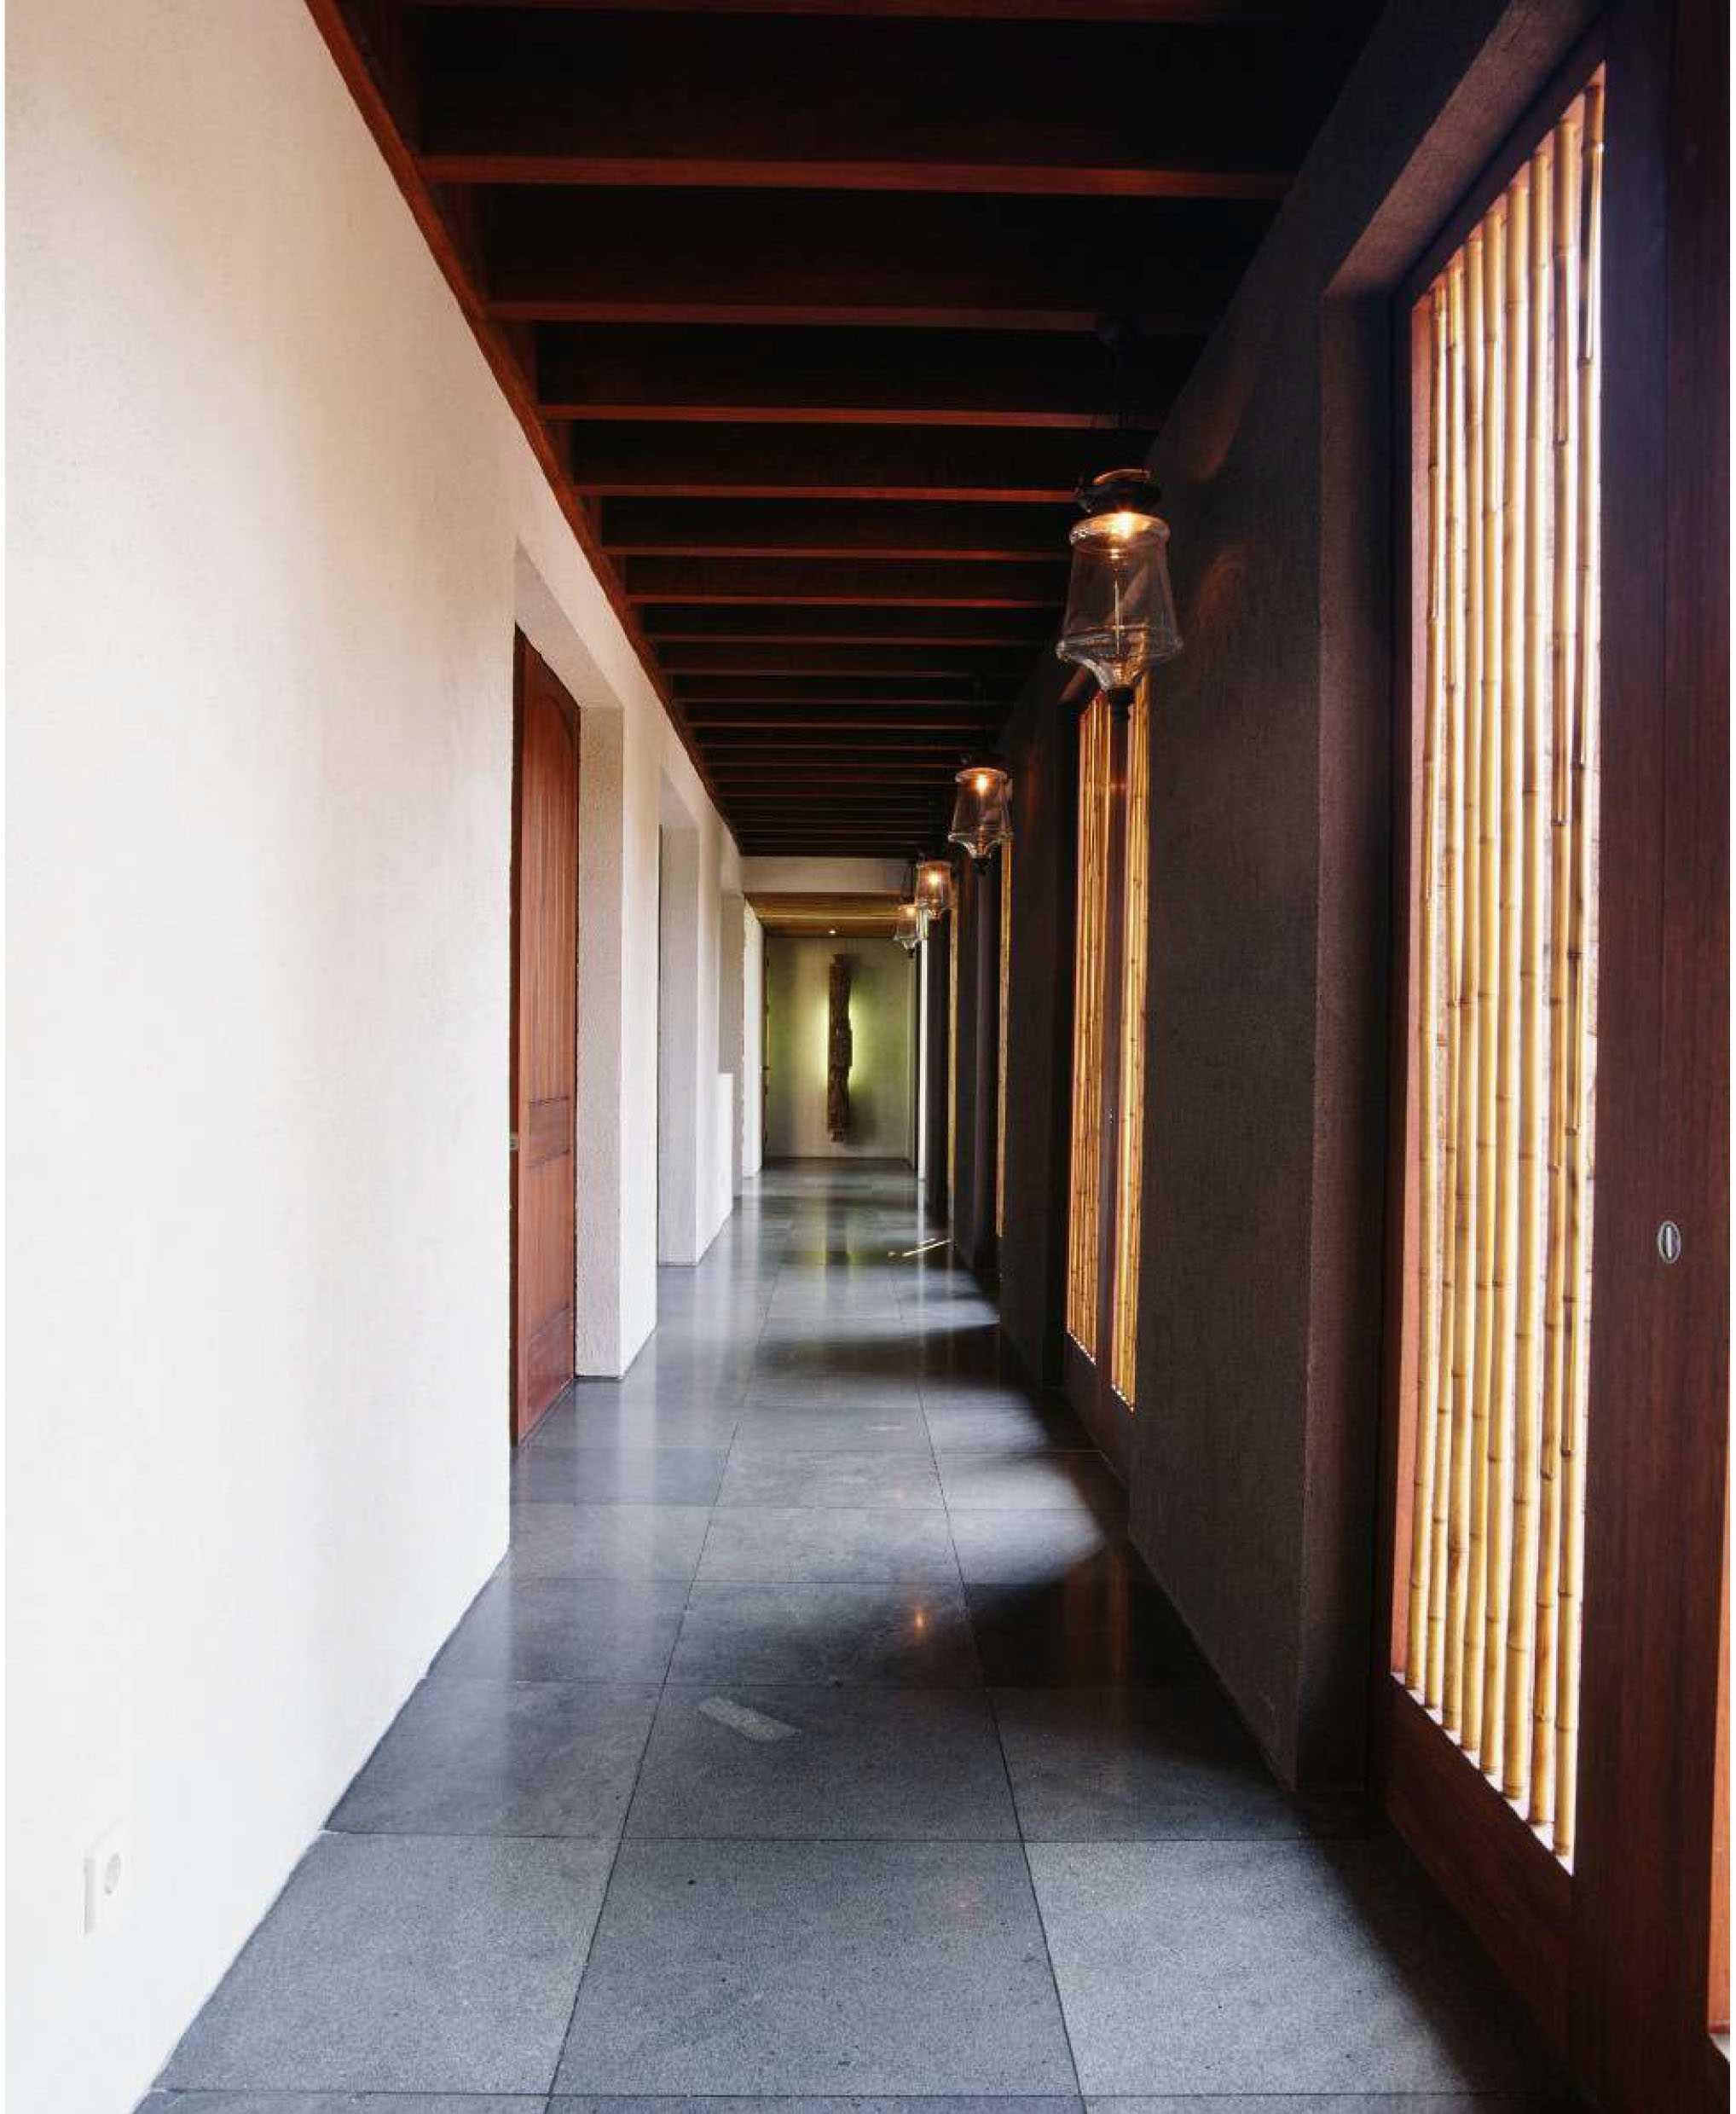 Studio Air Putih Ak_House Rancamaya, Bogor Rancamaya, Bogor Corridor Tradisional  25017